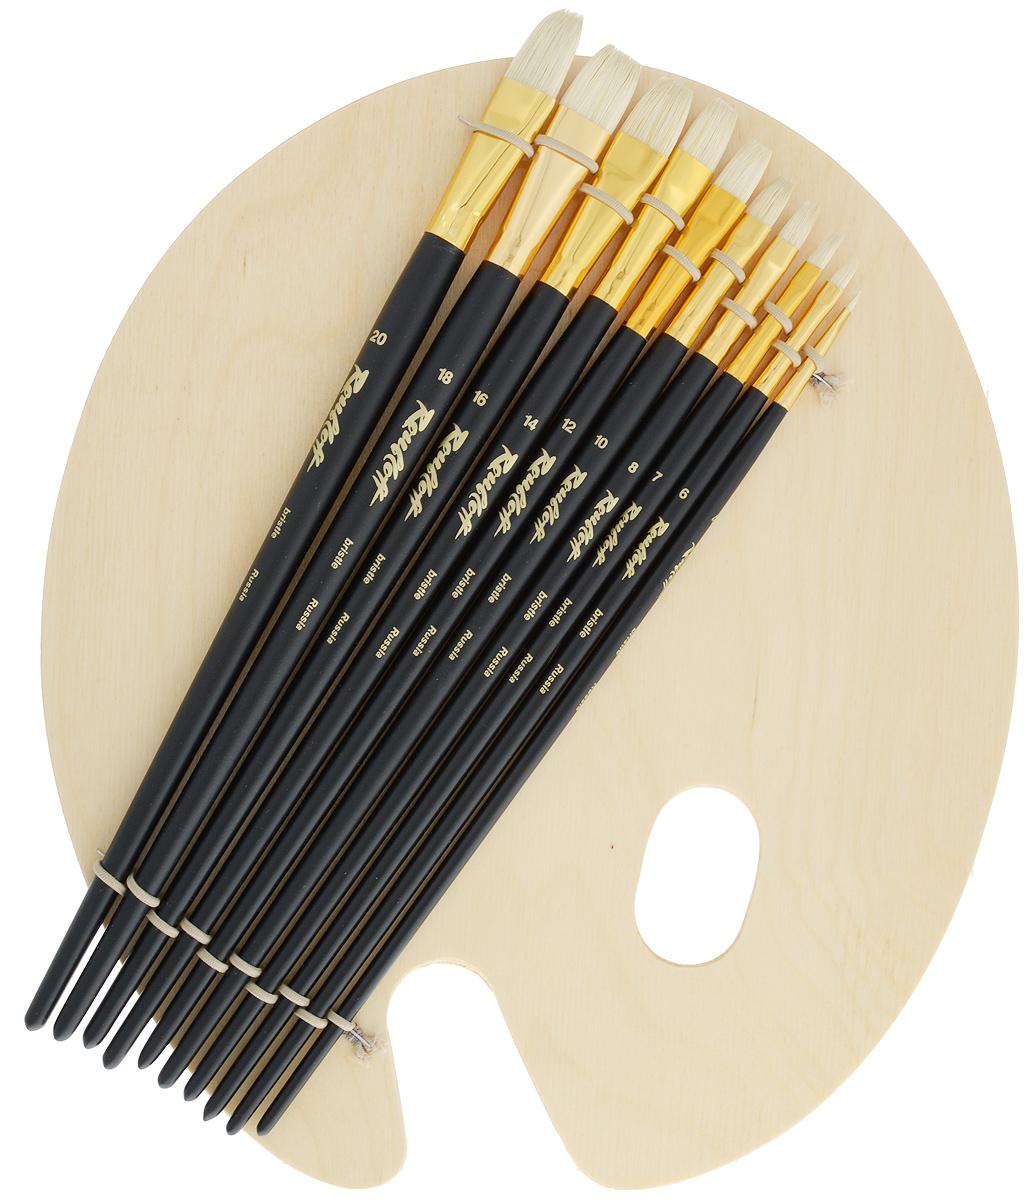 Набор кистей Rubloff №42, с палитрой, 10 шт48930-01\BCDНабор Rubloff №42 состоит из десяти плоских кистей №4, 6, 7, 8, 10, 12, 14, 16, 18, 20 и овальной деревянной палитры. Такой набор идеально подойдет для художественных и декоративно-оформительских работ. Кисти изготовлены из щетины. Деревянные длинные ручки оснащены алюминиевыми втулками с двойной обжимкой.Длина кистей: №4 - 29,7 см; №6 - 30,8 см; №7 - 31,2 см; №8 - 31,3 см; №10 - 31,5 см; №12 - 31,8 см; №14 - 32,5 см; №16 - 32,2 см; №18 - 32,2 см; №20 - 33 см.Длина пучка: №4 - 7 мм; №6 - 1 см; №7 - 1,2 см; №8 - 1,4 см; №10 - 1,5 см; №12 - 1,7 см; №14 - 1,9 см; №16 - 2 см; №18 - 2,2 см; №20 - 2,6 см.Размер палитры: 33 х 28,5 х 0,2 см.